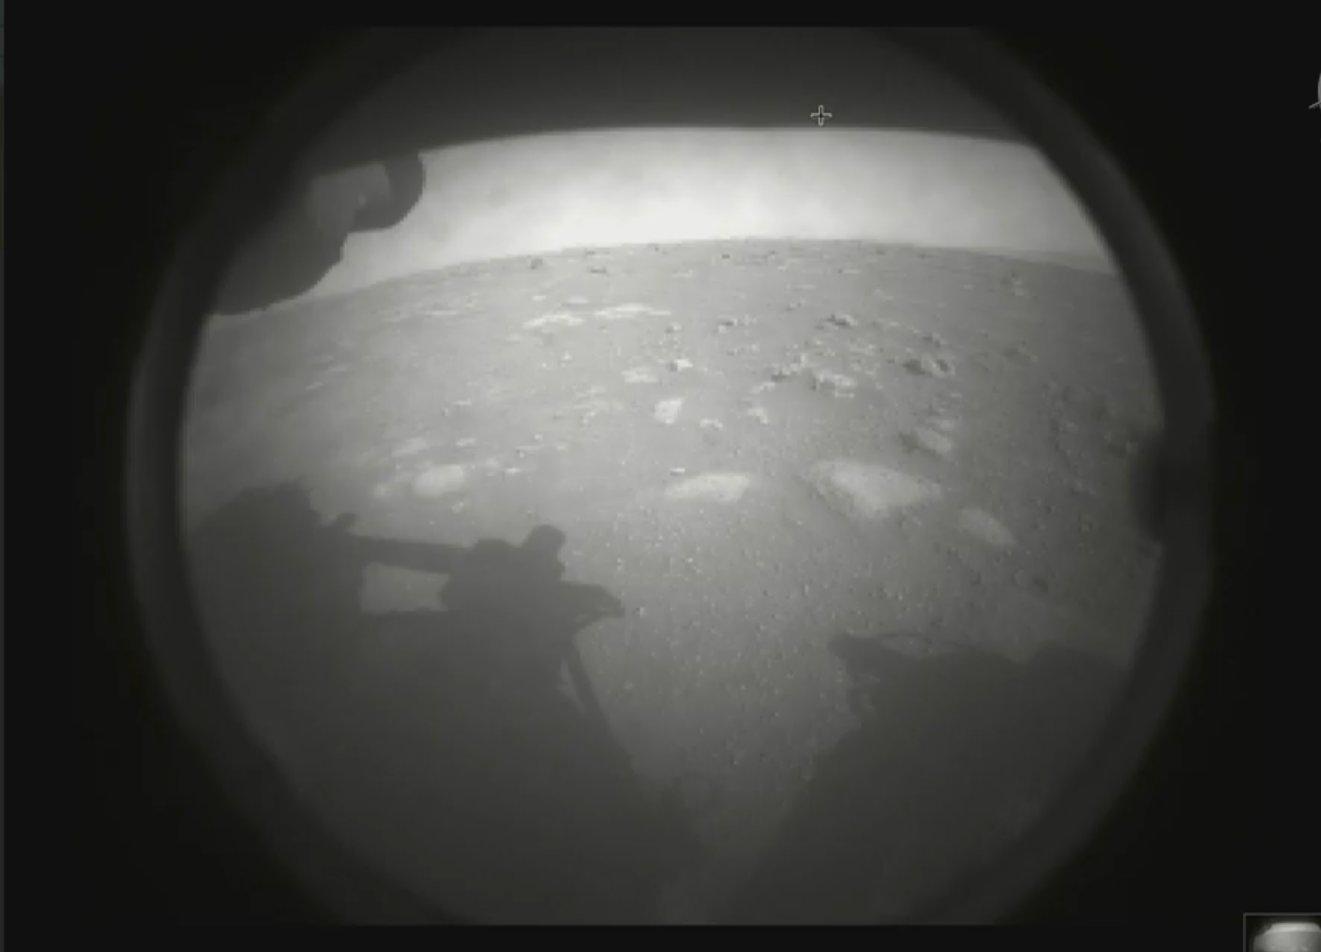 नासाको अन्तरिक्ष यानले पठायो ४७ करोड किलोमिटर टाढाको मंगल ग्रहबाट तस्बिर